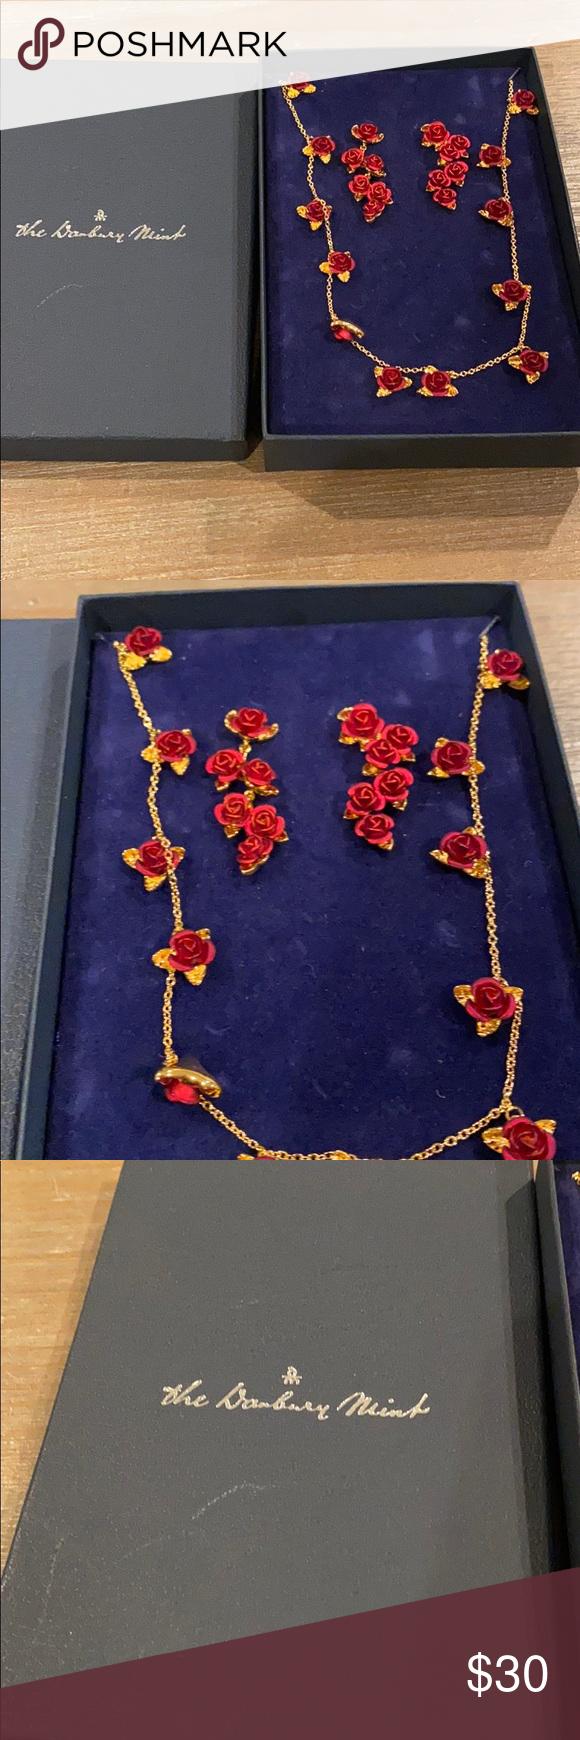 30+ Is danbury mint jewelry good quality ideas in 2021